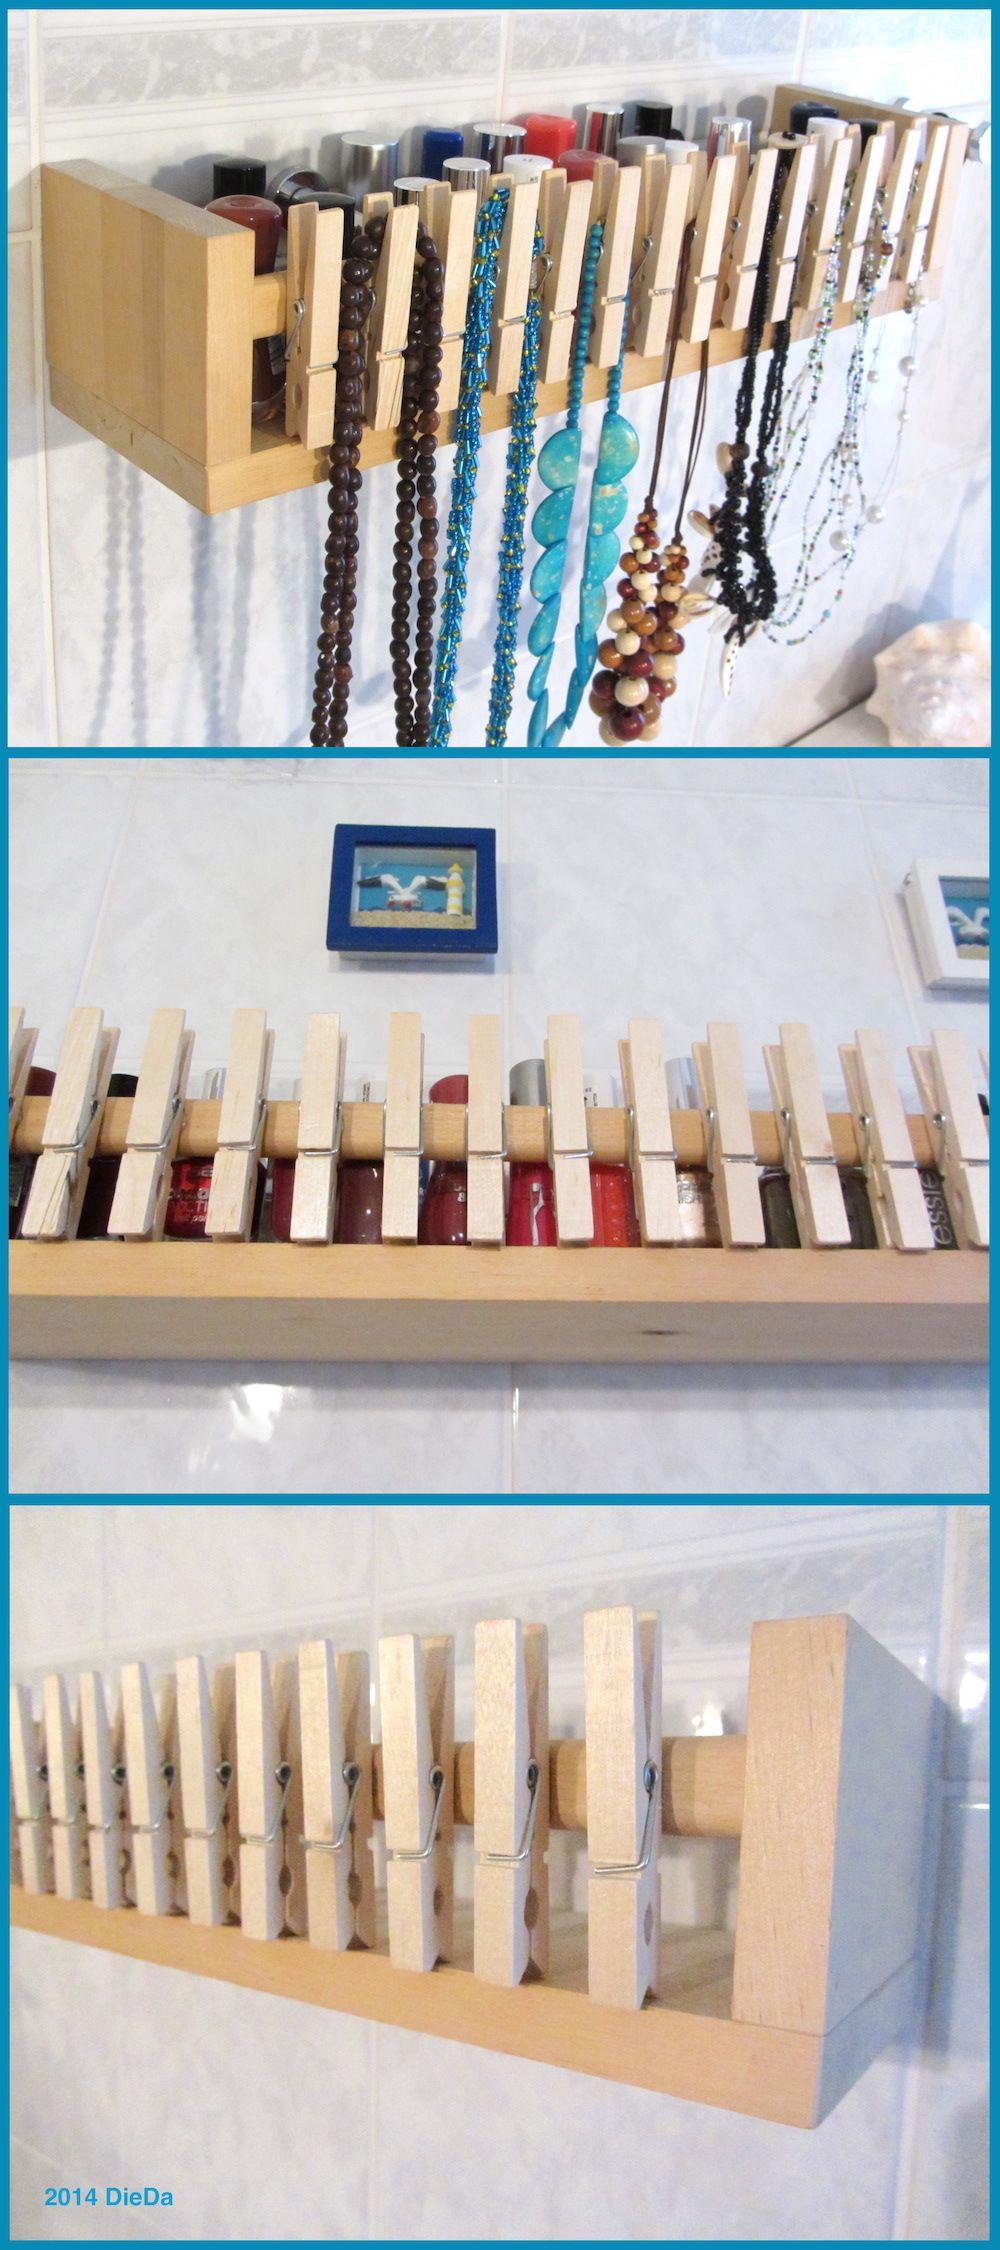 Gewrzregal von IKEA spice rack Bekvm und Holz Wscheklammern wooden clothespins